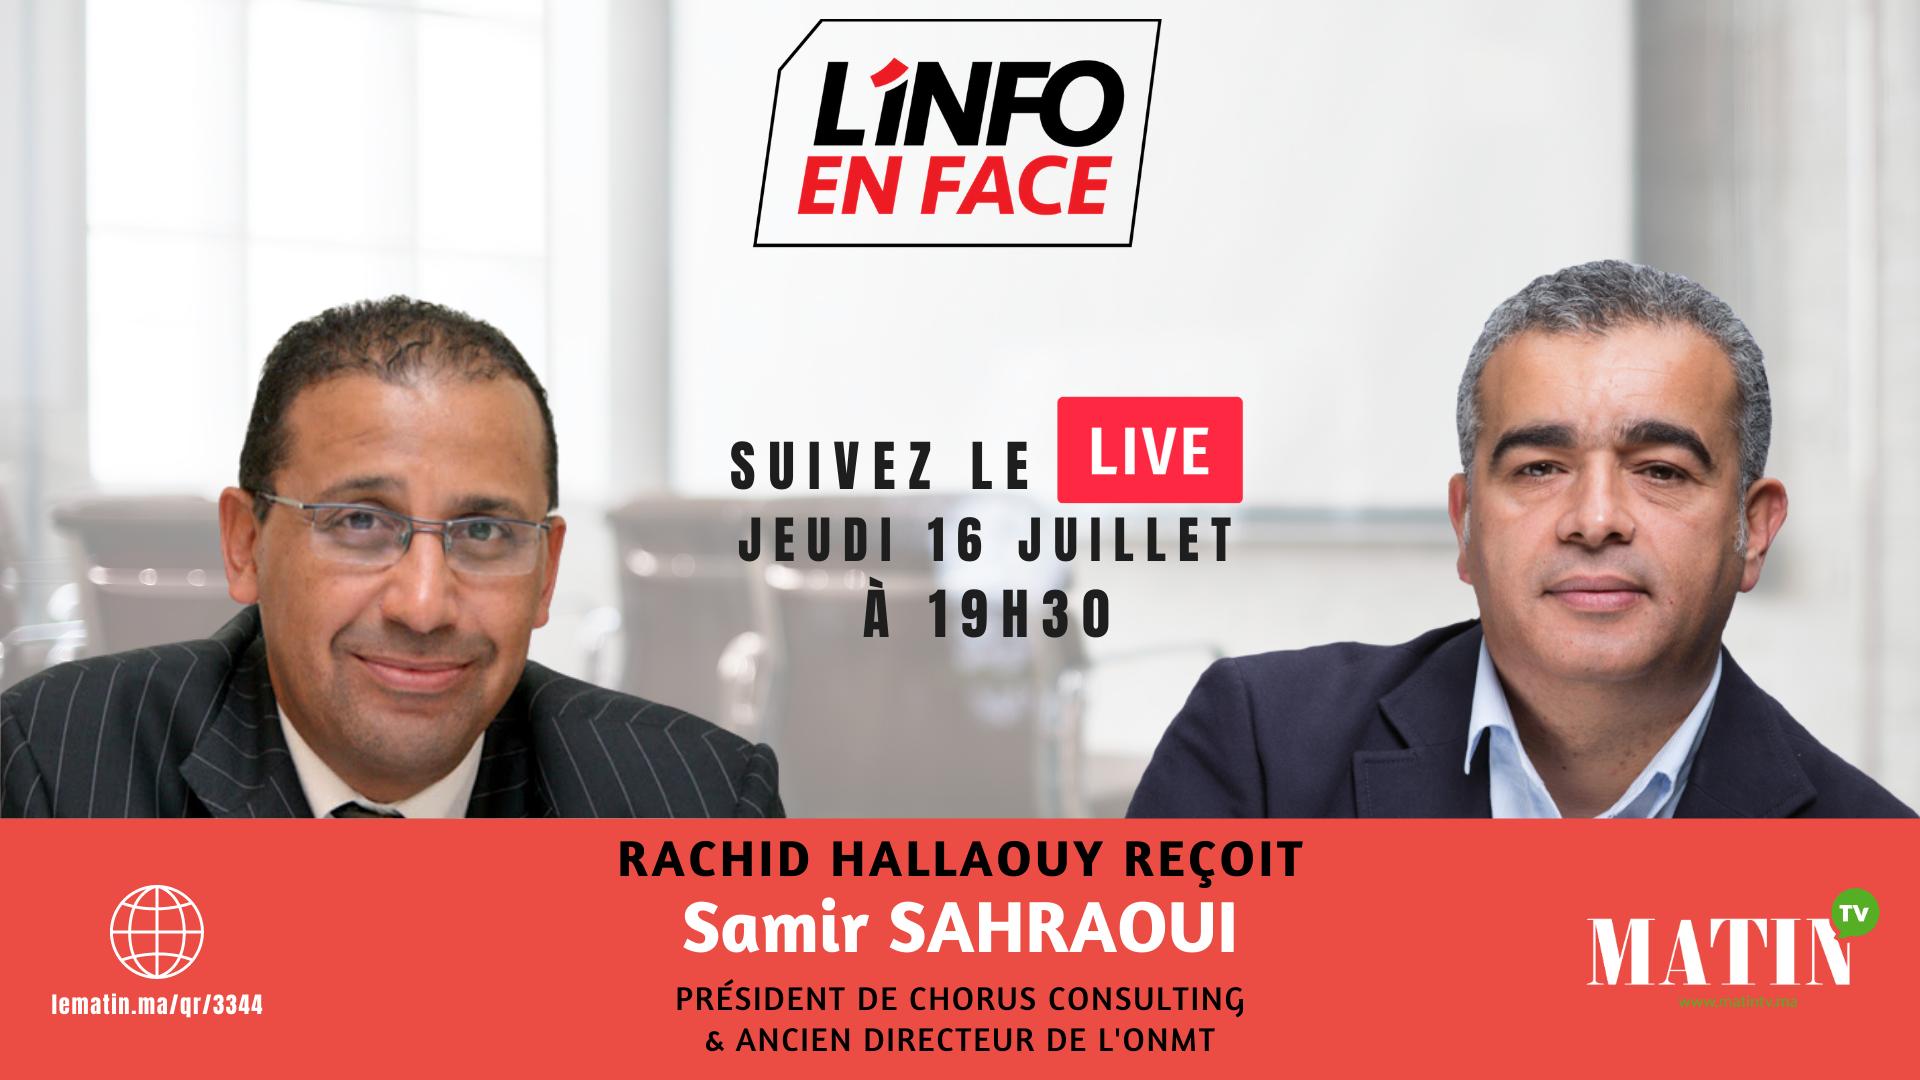 Live : L'Info en Face avec Samir Sahraoui